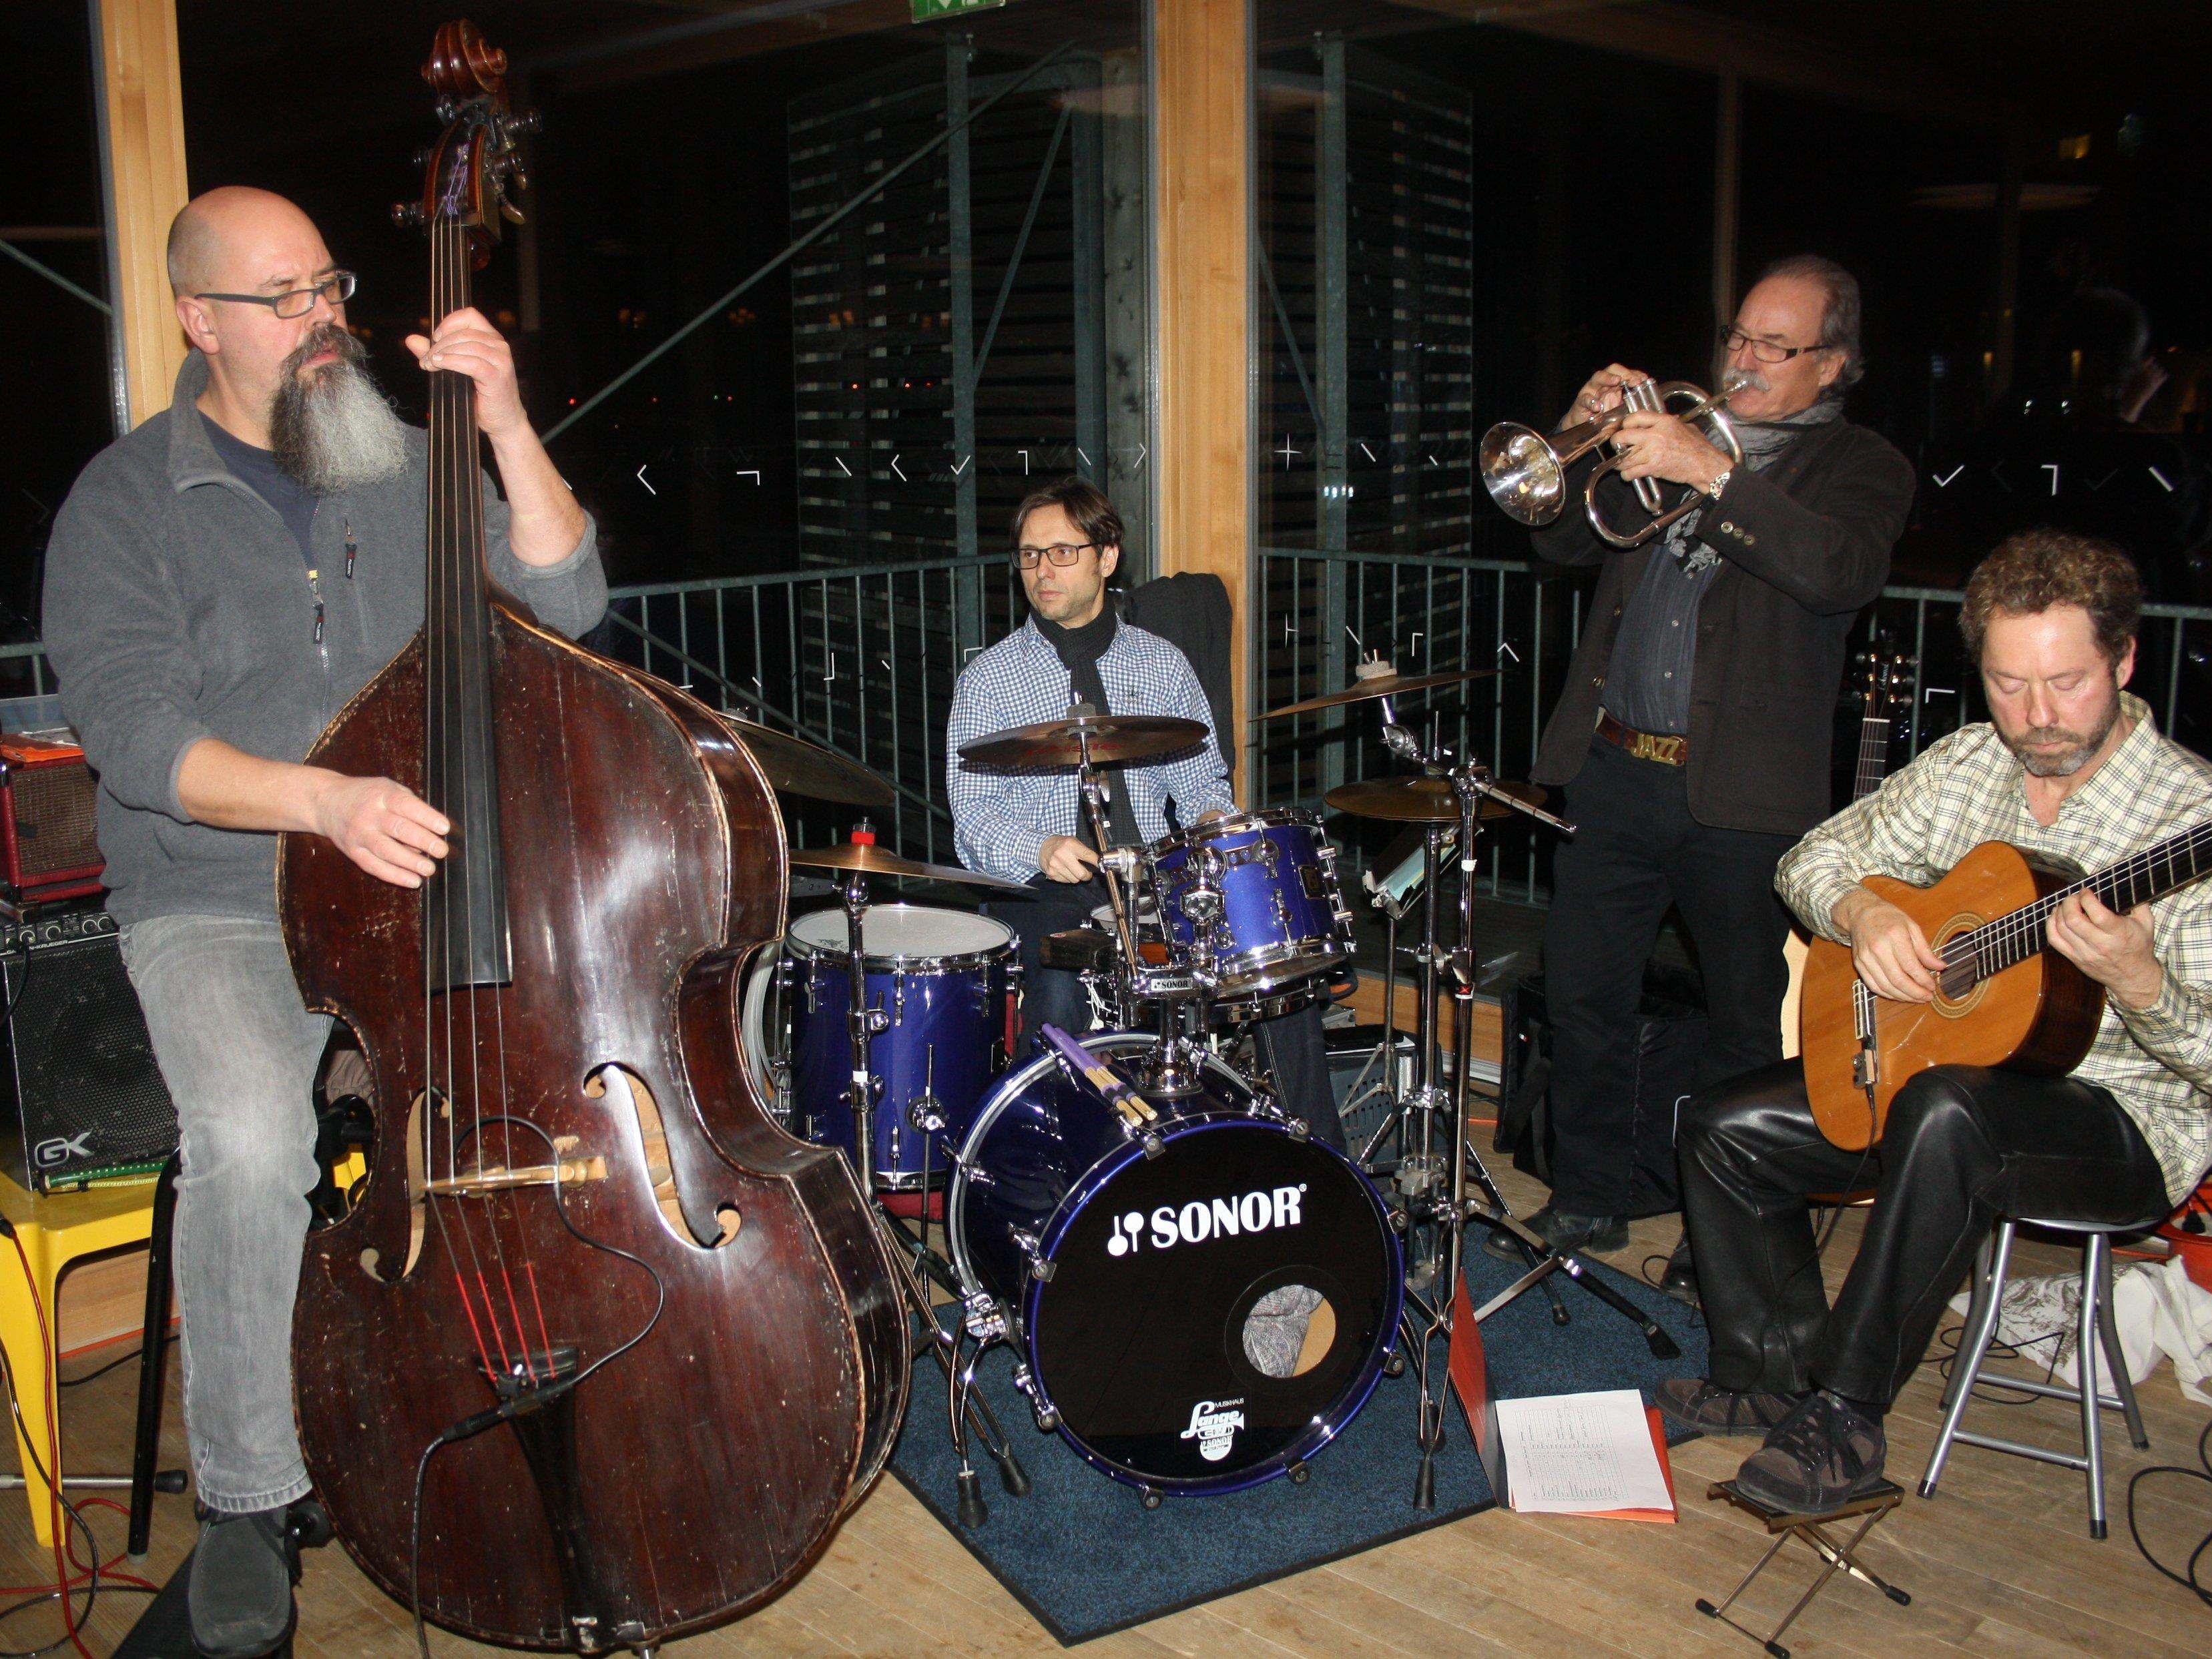 """Zu Gast auf dem Badehaus des Seehotels war die Band """"Jazzmops"""" aus Ravensburg mit Oliver Mascha (Kontrabass), Markus Sprenger (Schlagzeug), Roland Wohlhüter (Trompete/Posaune) und Volker König (Gitarre)."""